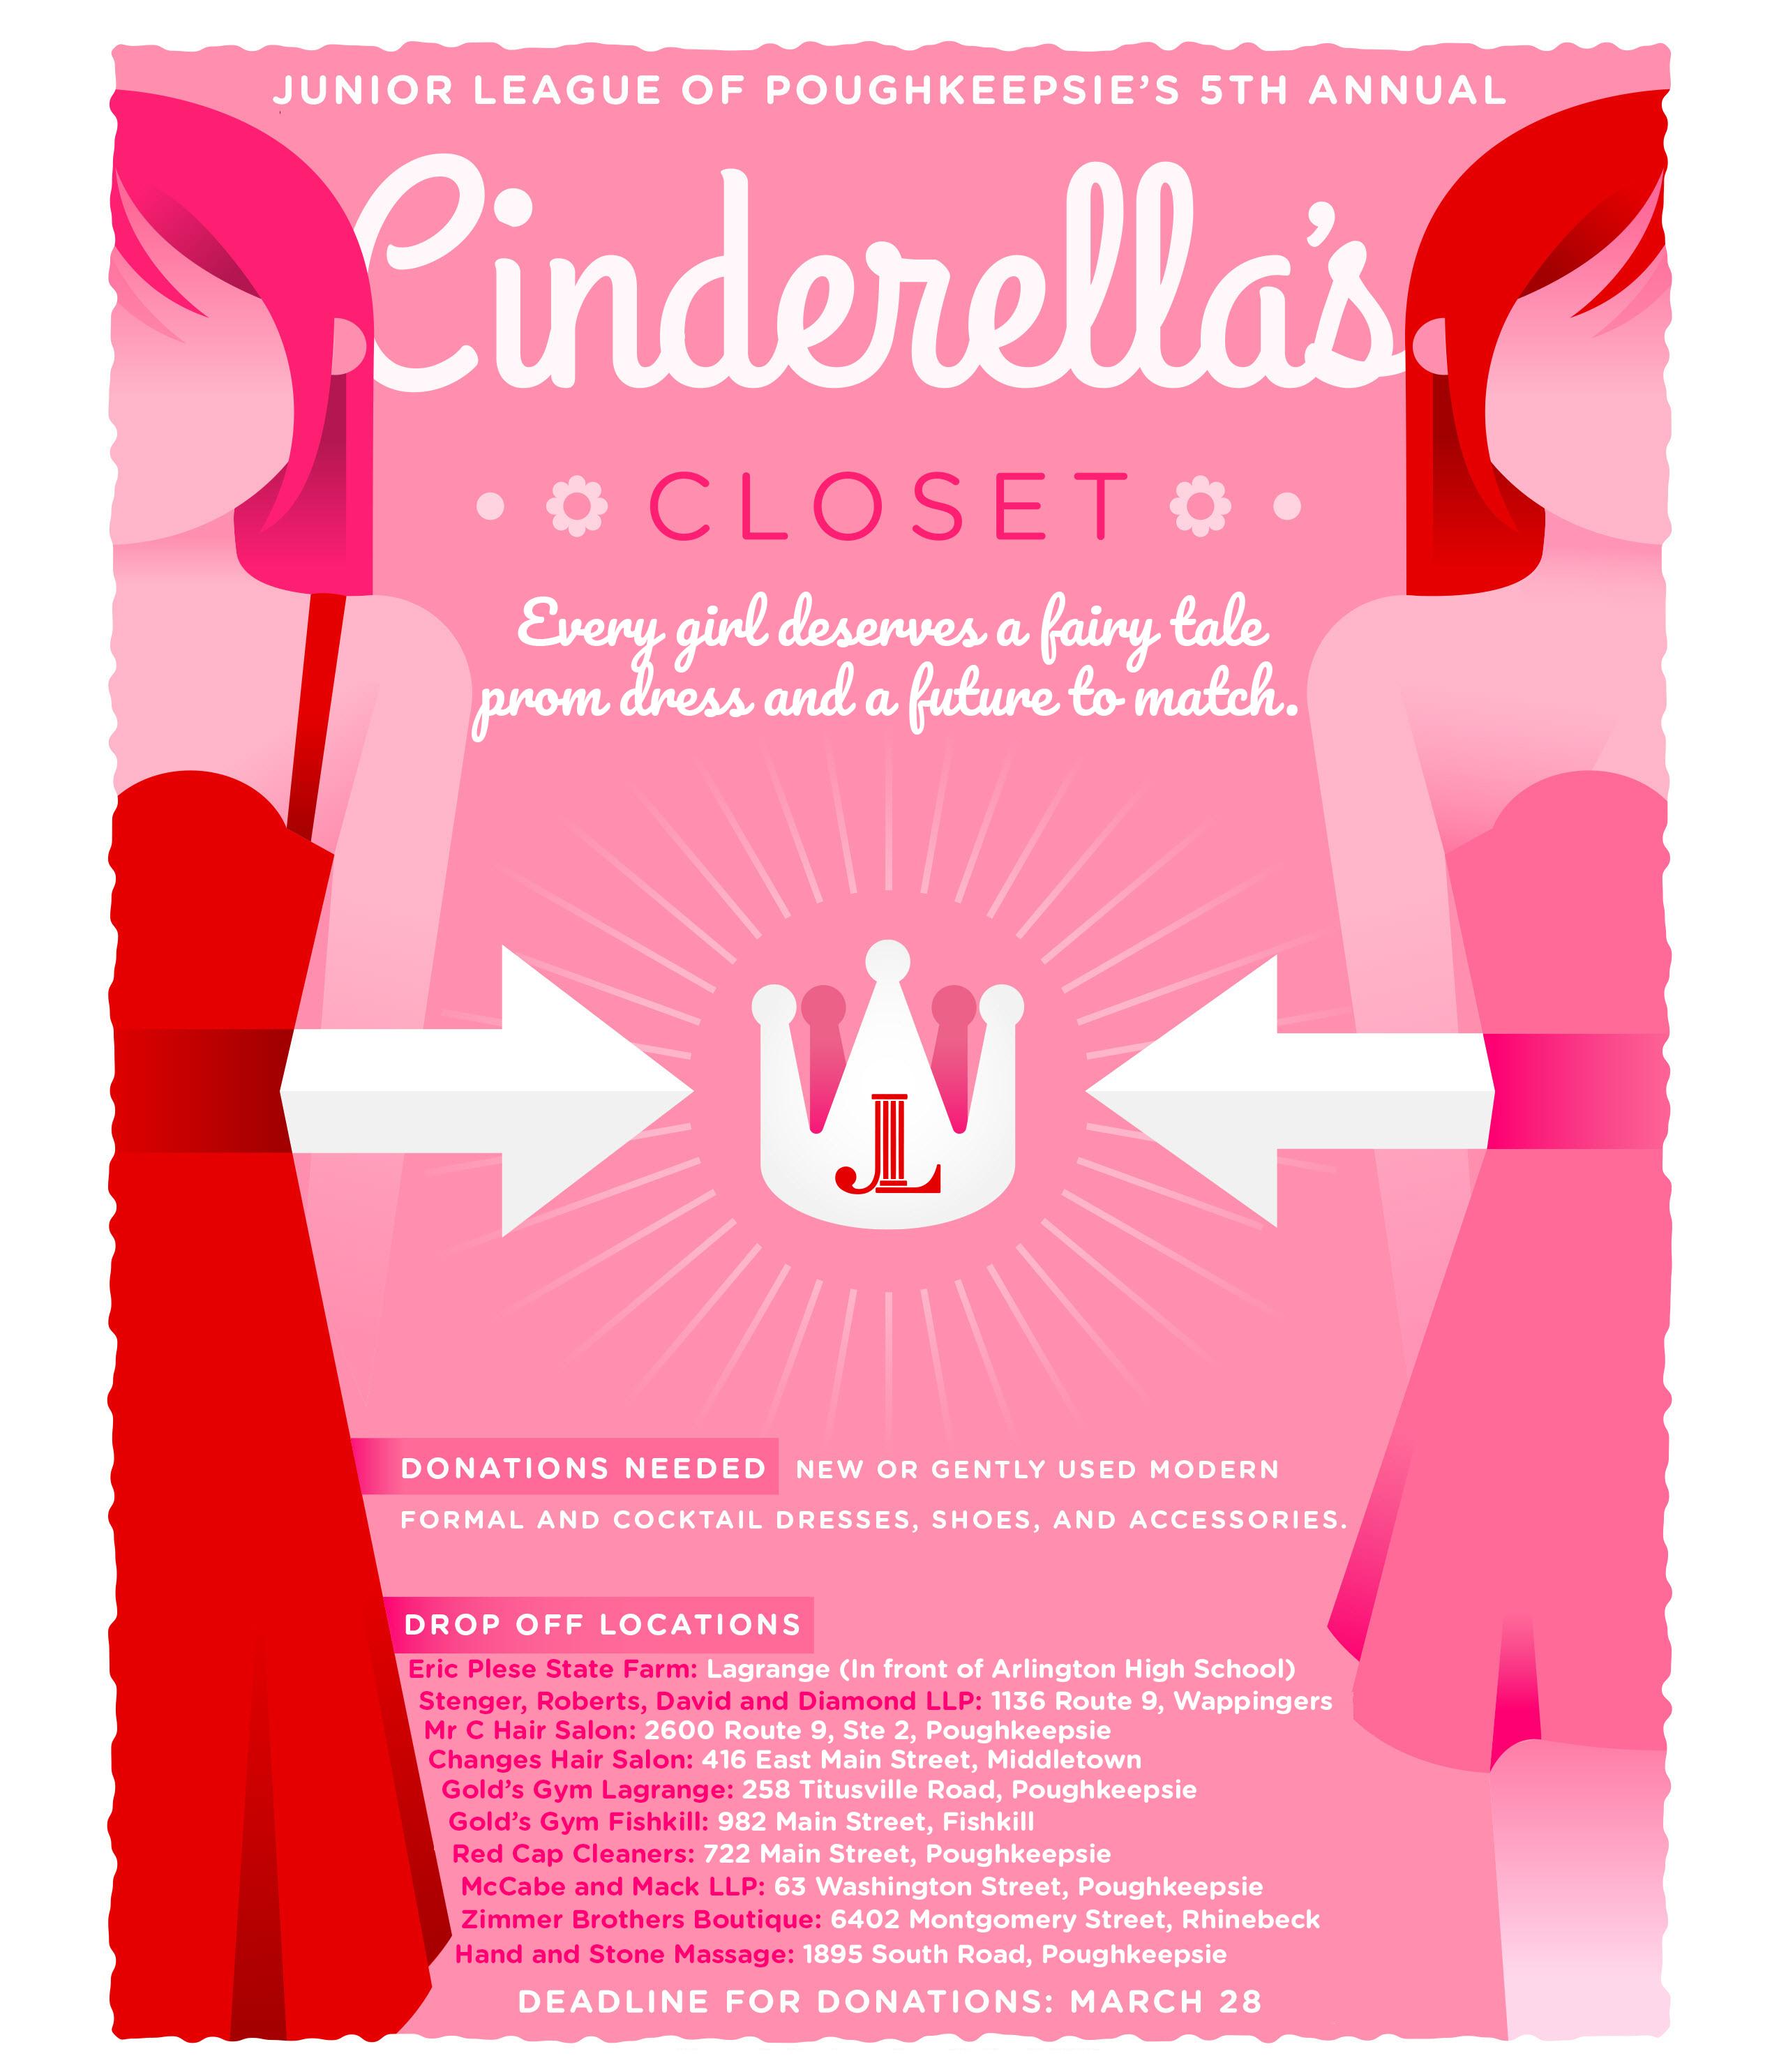 Cinderella S Closet Junior League Of Poughkeepsie Junior